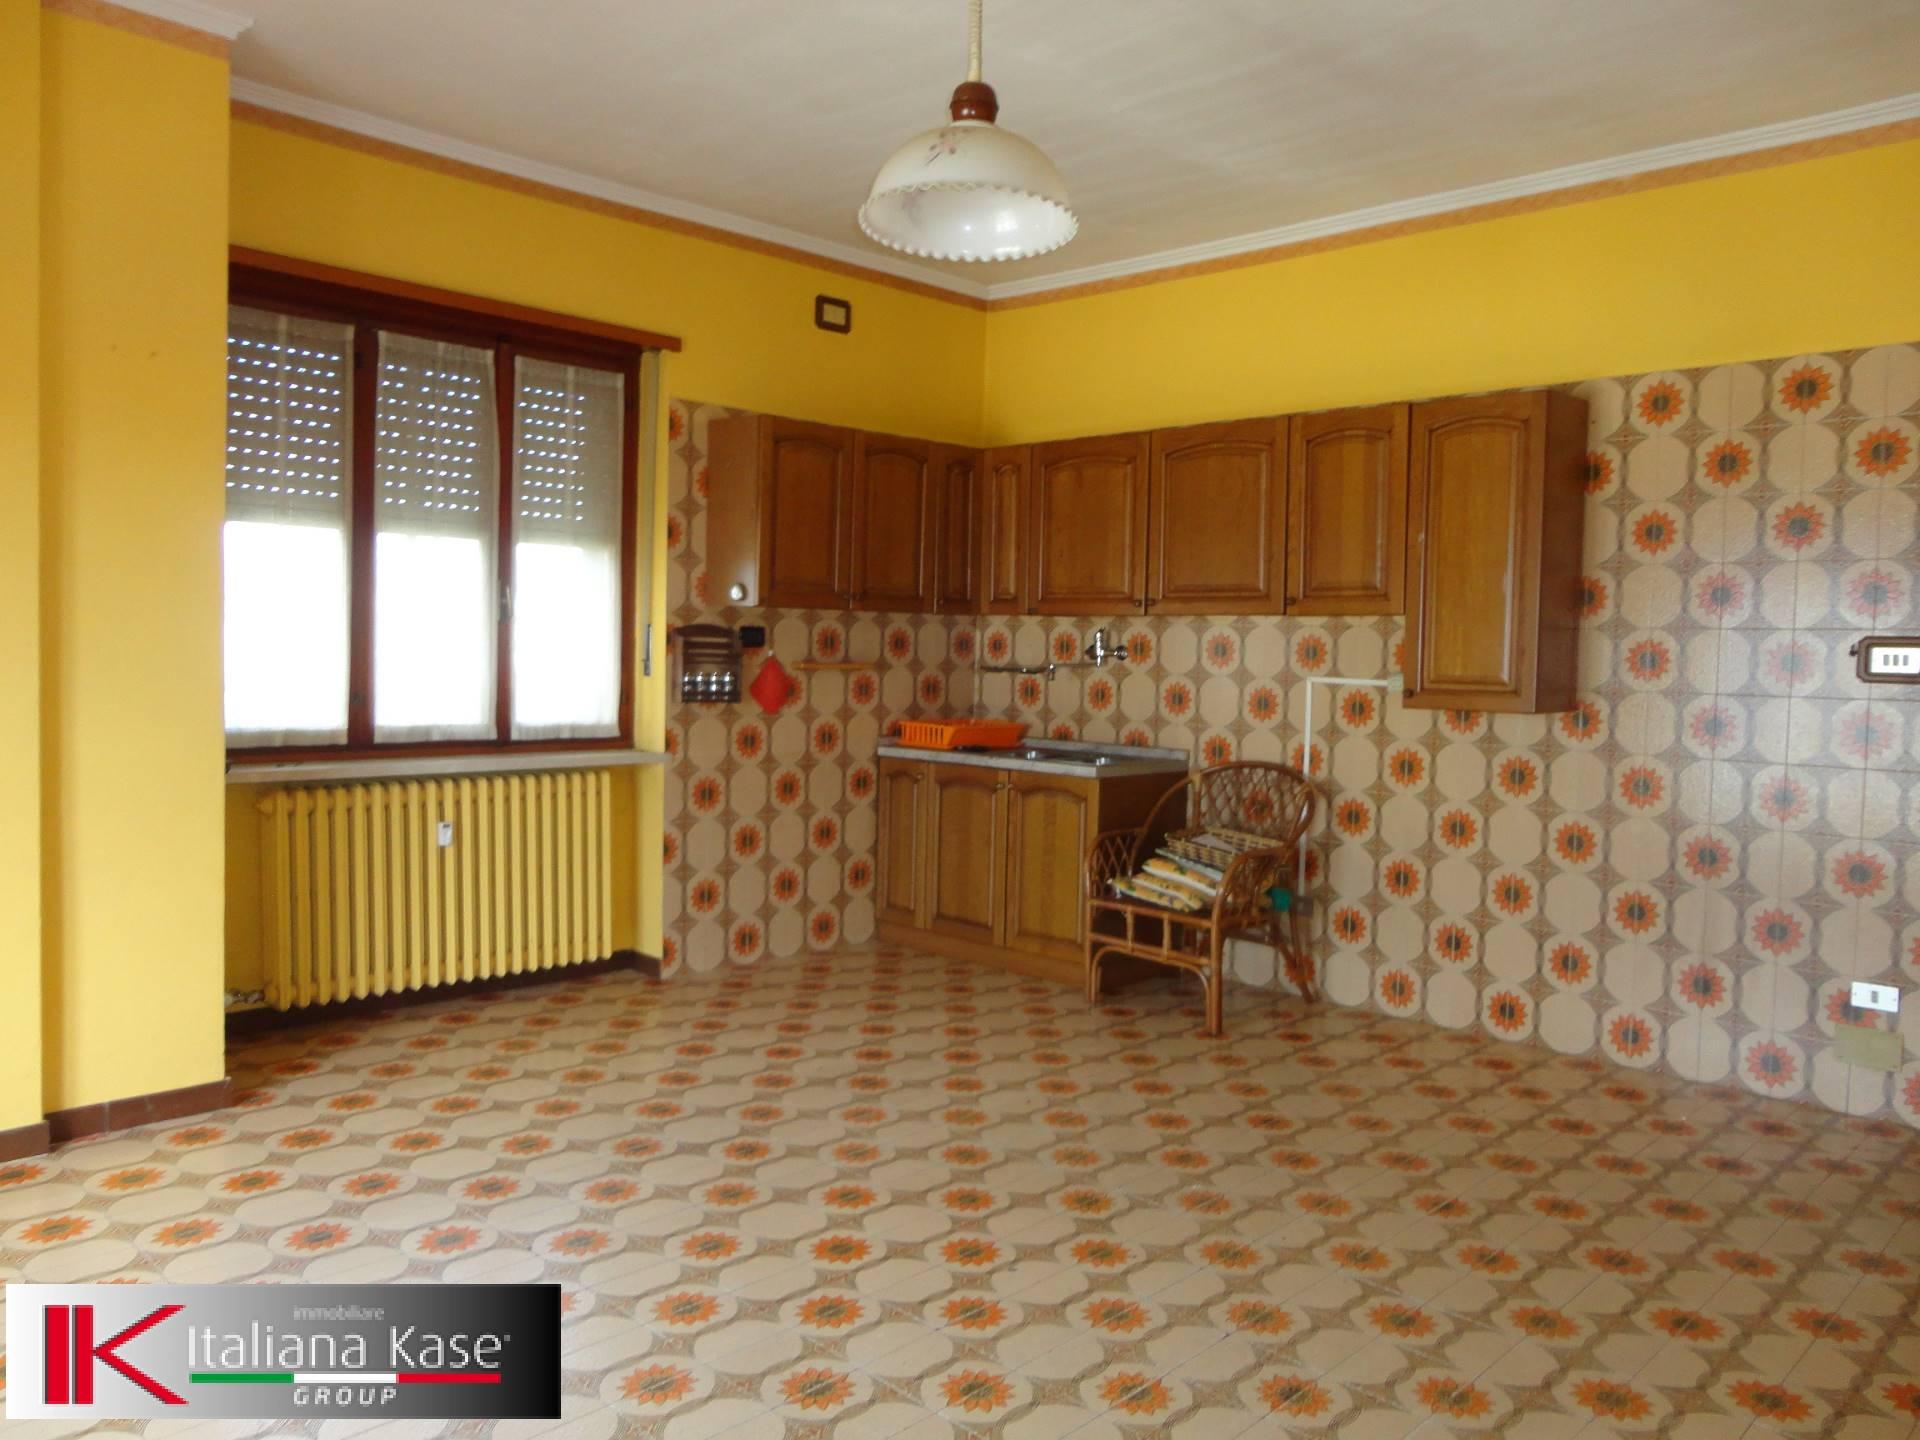 Appartamento in vendita a San Giusto Canavese, 4 locali, prezzo € 45.000 | PortaleAgenzieImmobiliari.it